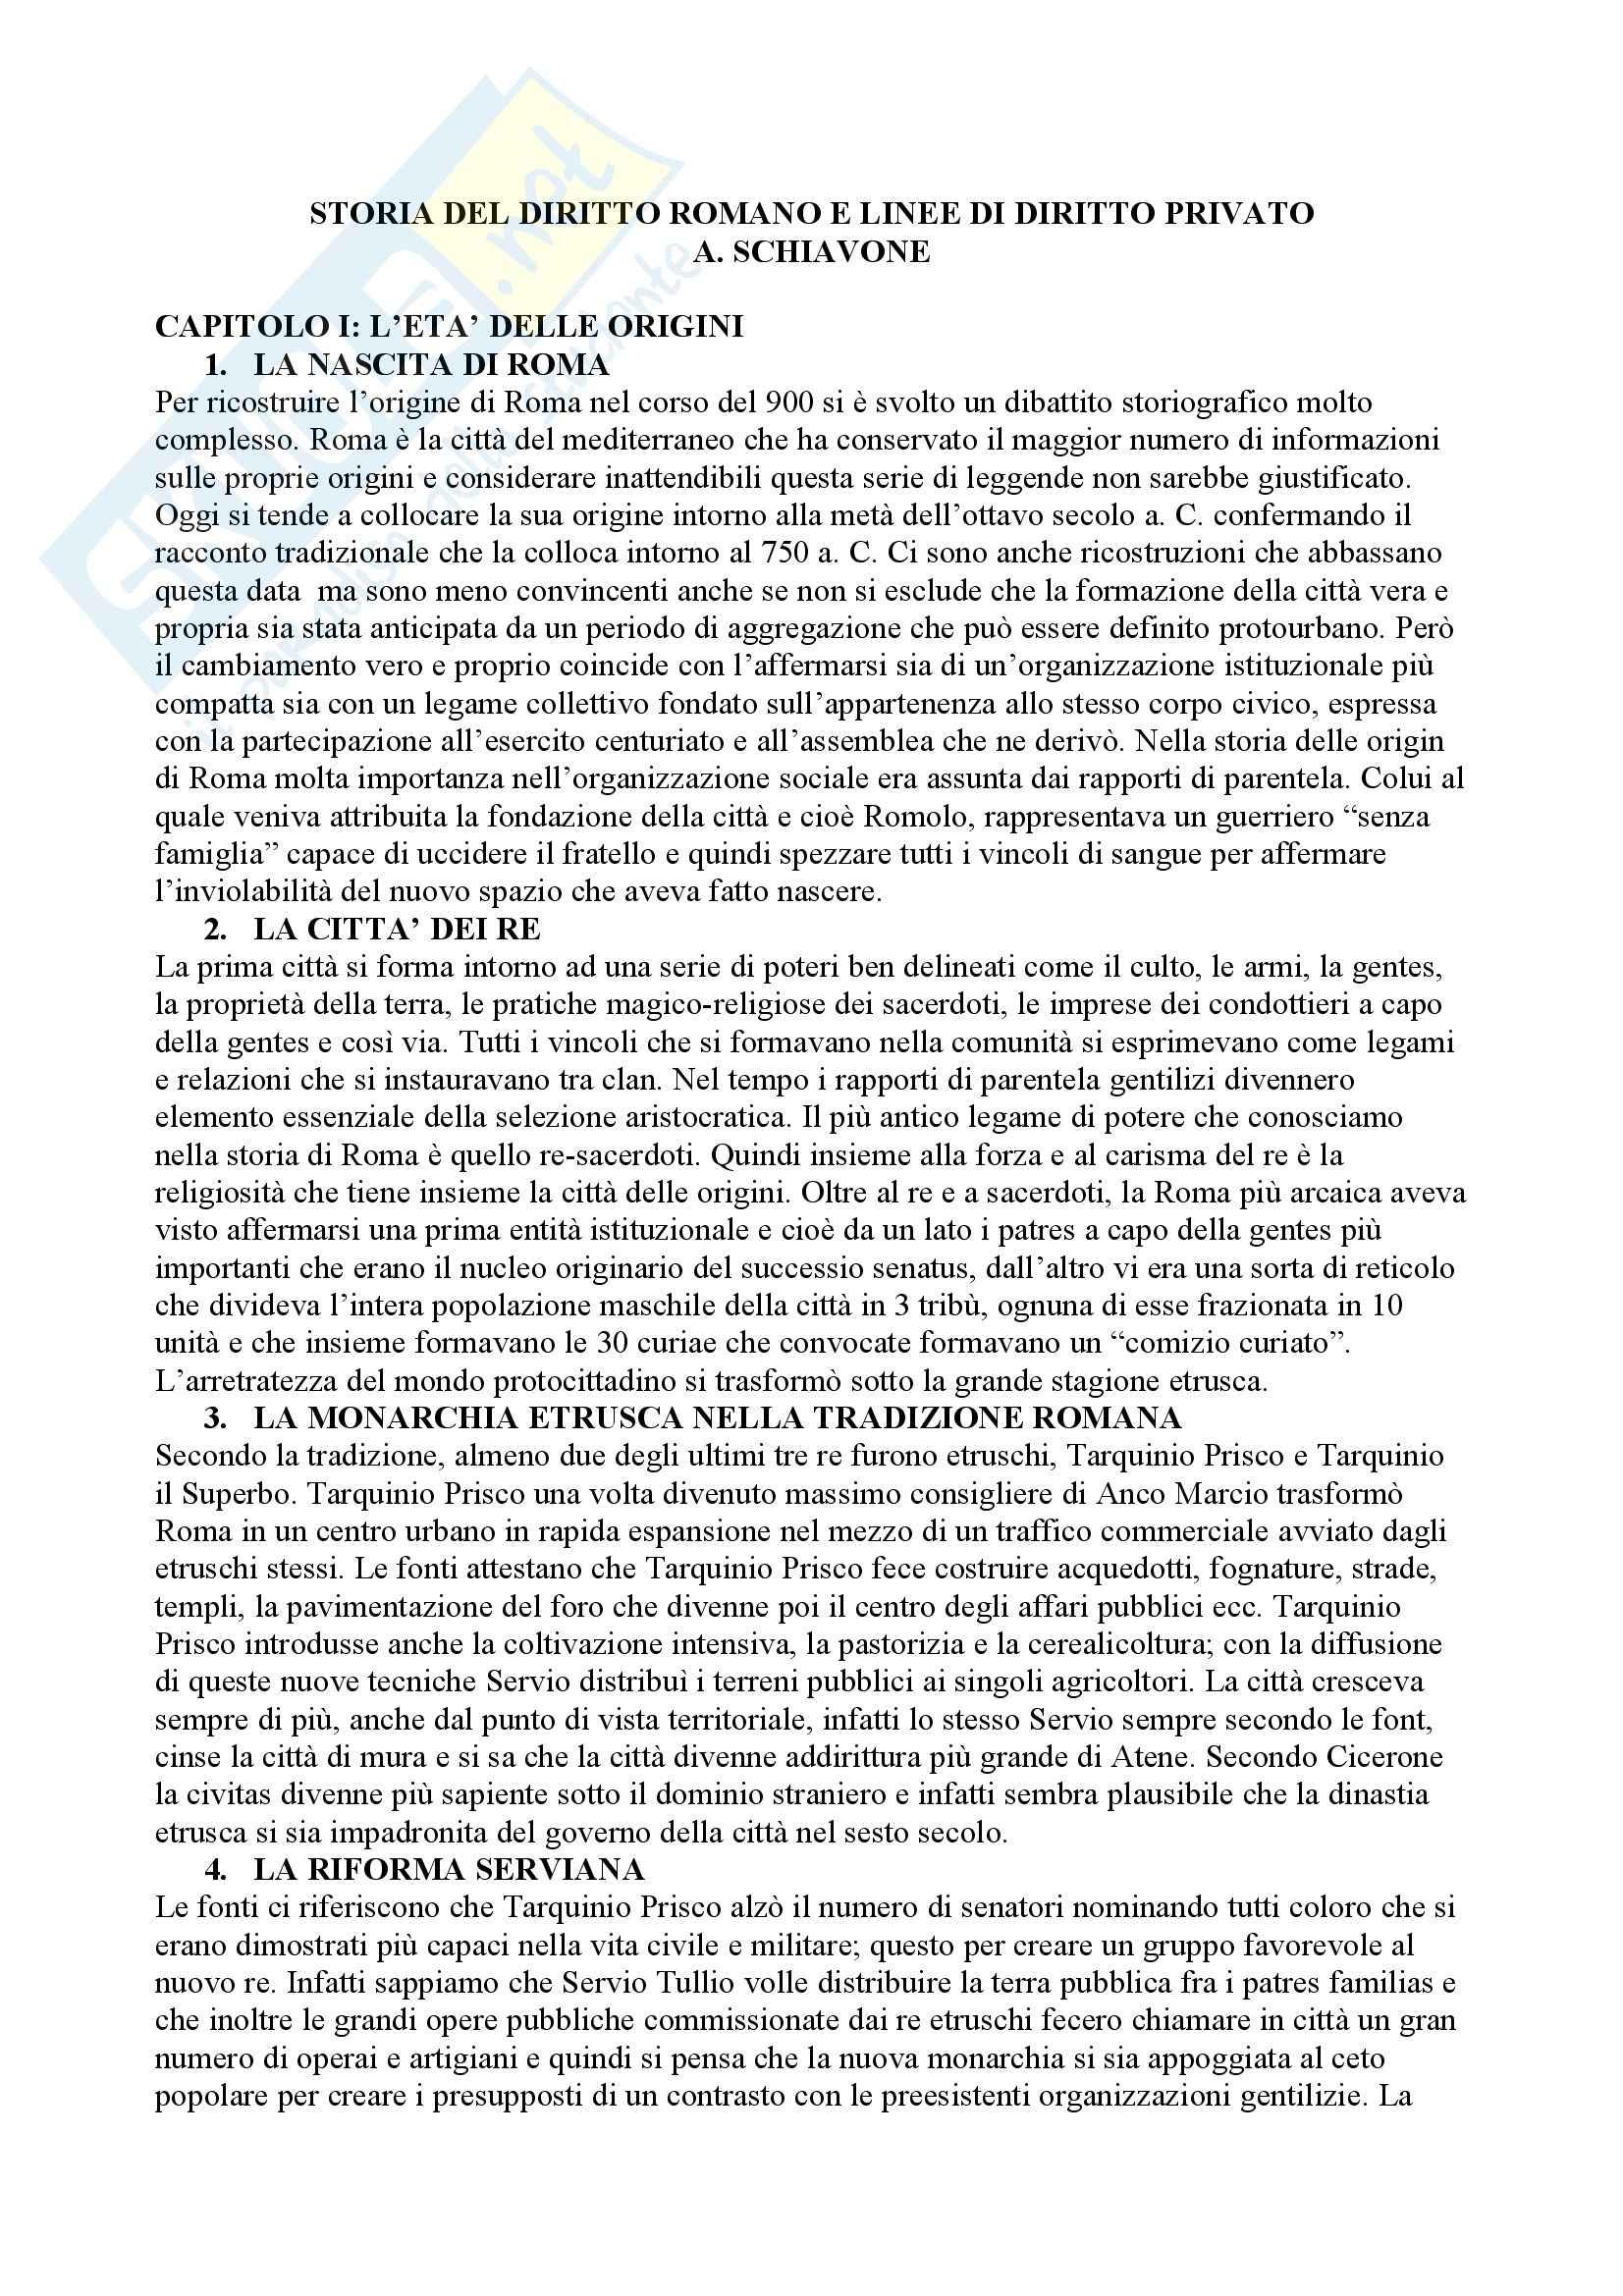 Storia del diritto romano e linee di diritto privato, Schiavone - Appunti